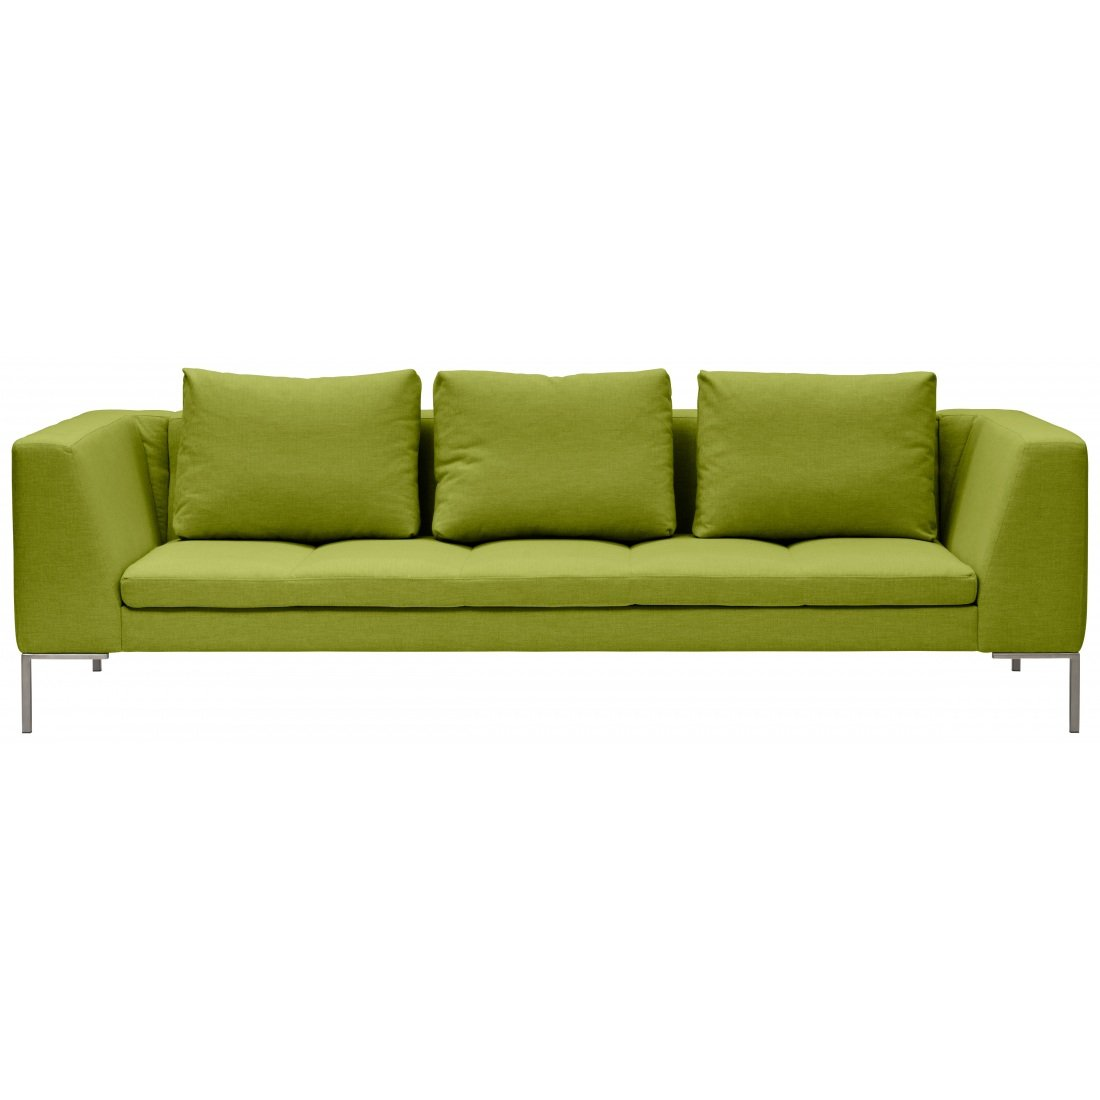 wohnzimmer couch günstig:Sitzer Sofa Grün Designer Couch Sofa günstig online kaufen